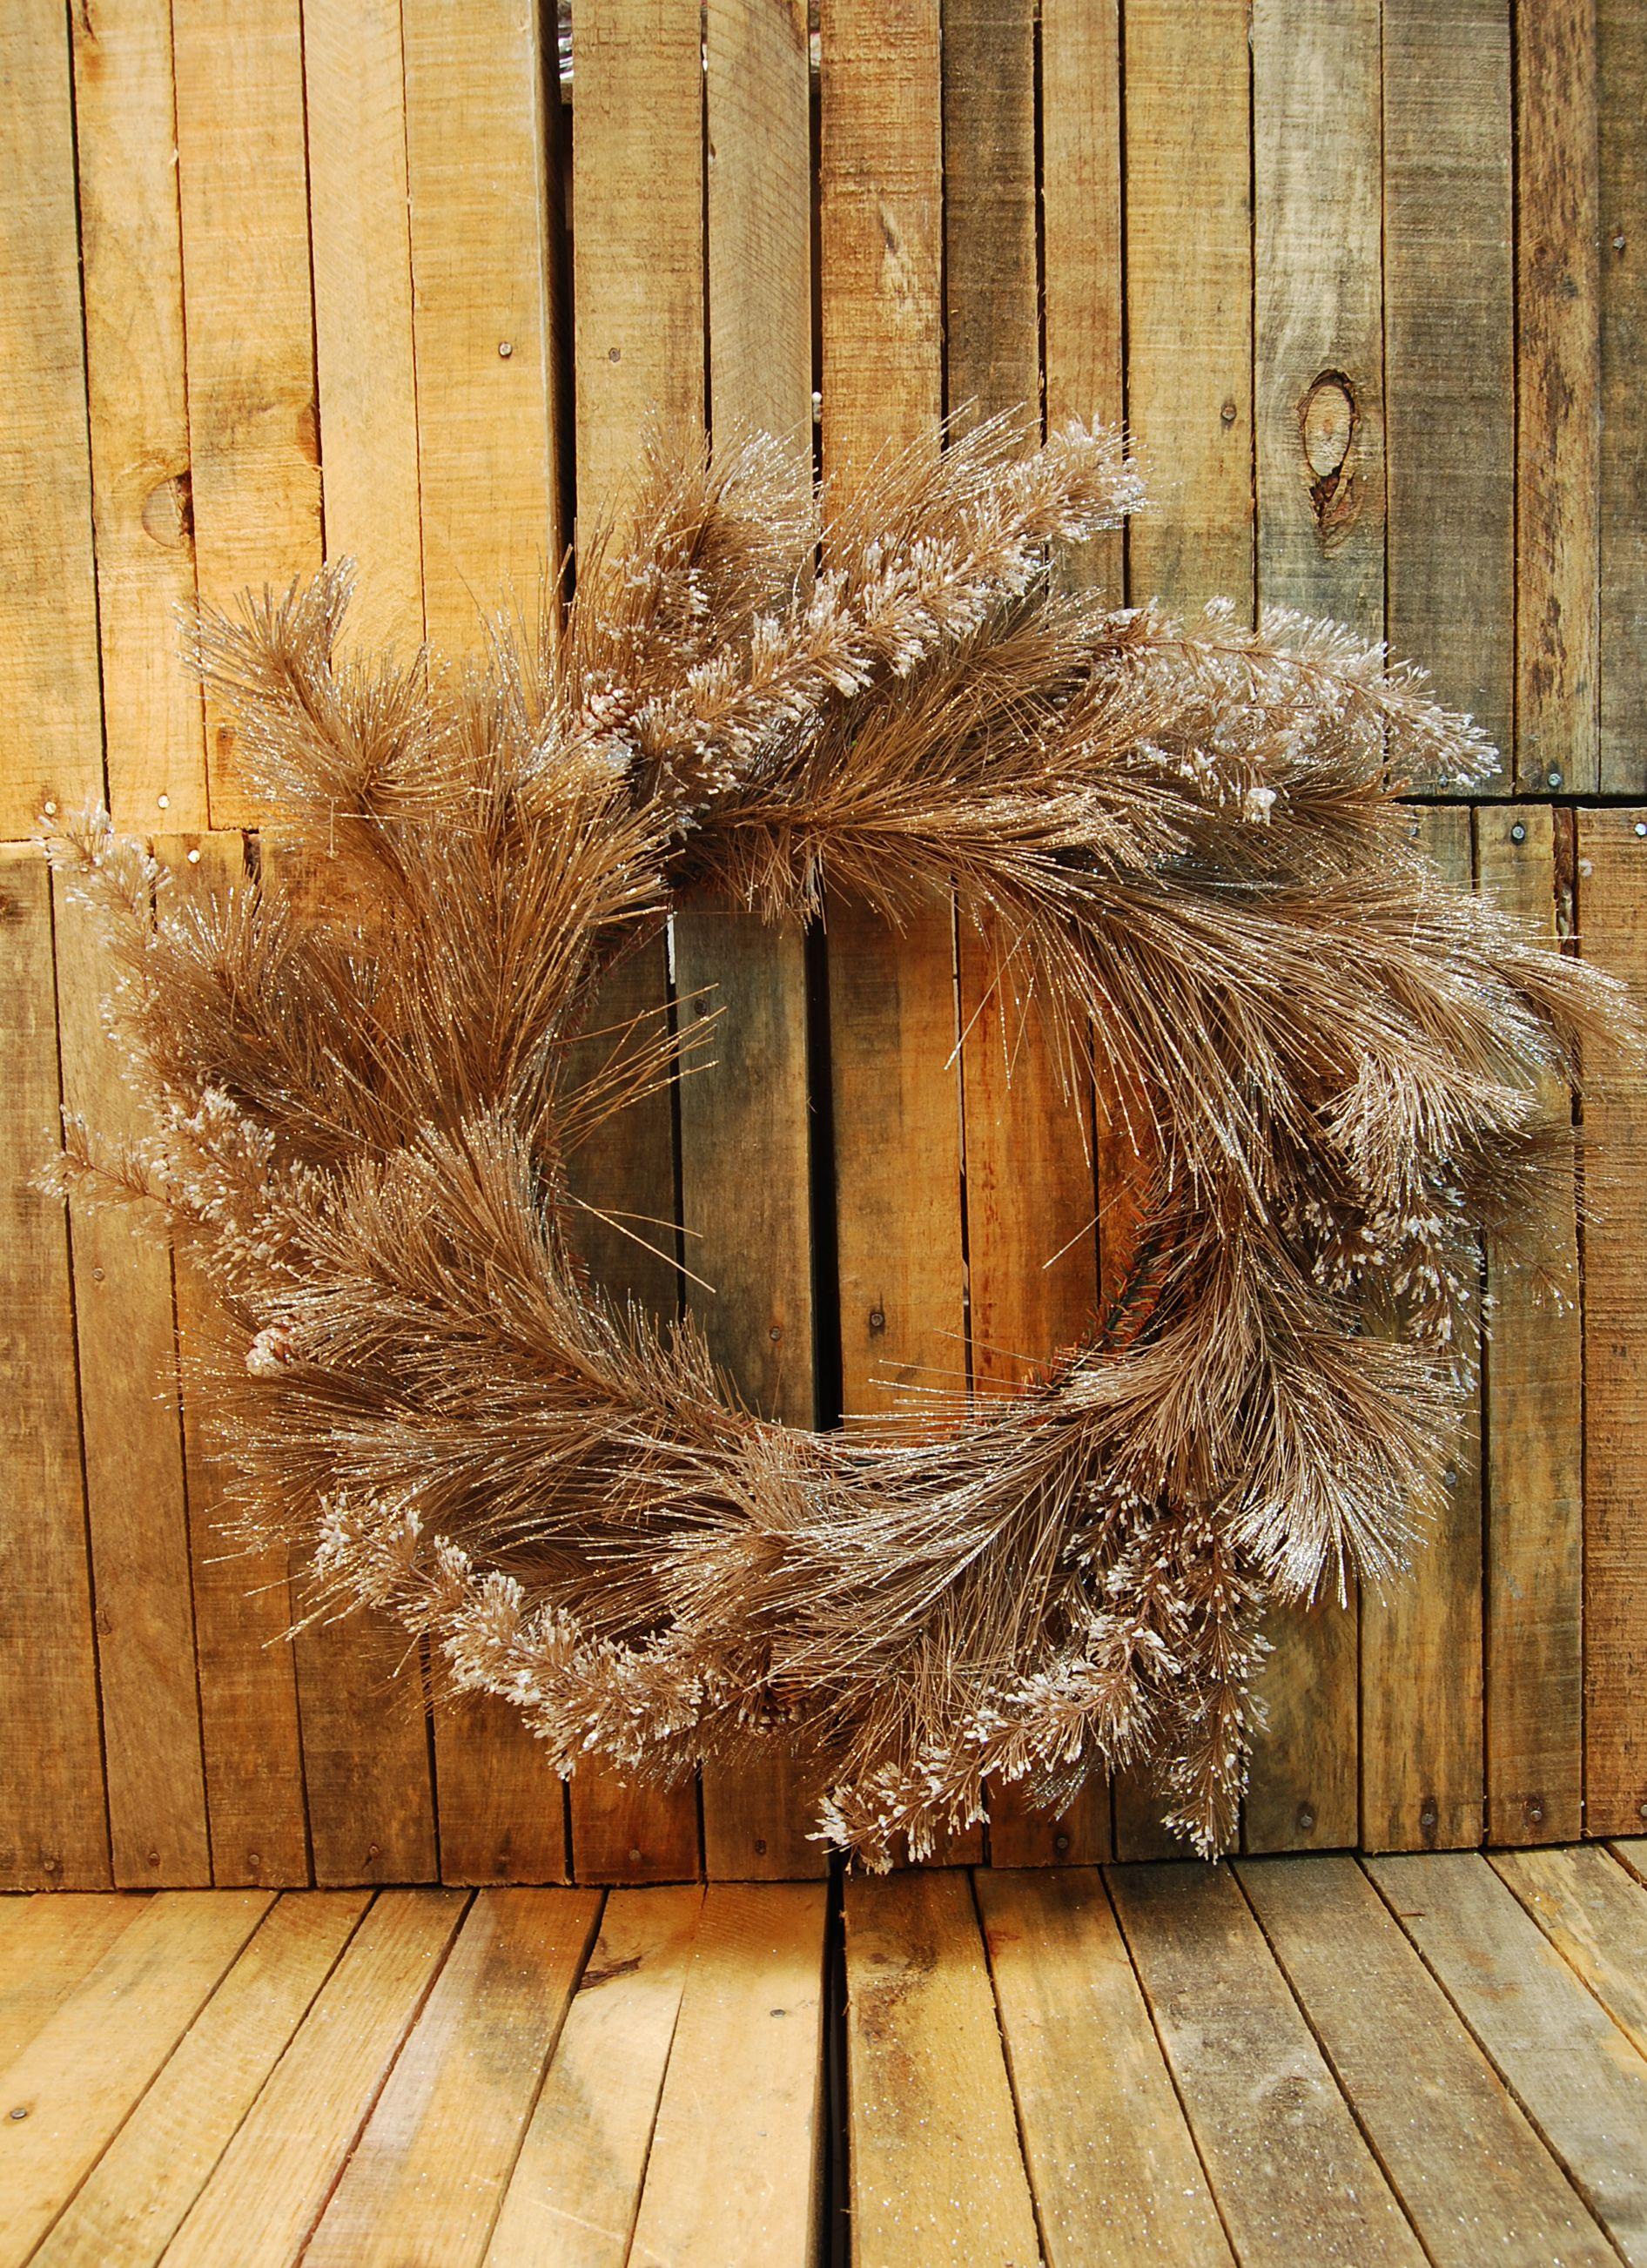 Corona Decorativa Navidad  Disponible en Lomas, Polanco, Pedregal  #regalos #detalles #viveduartee #decoracion #interiorismo #ideas #ideaspararegalar #cajas #disenoenmexico #disenomexicano #cajasdecarton